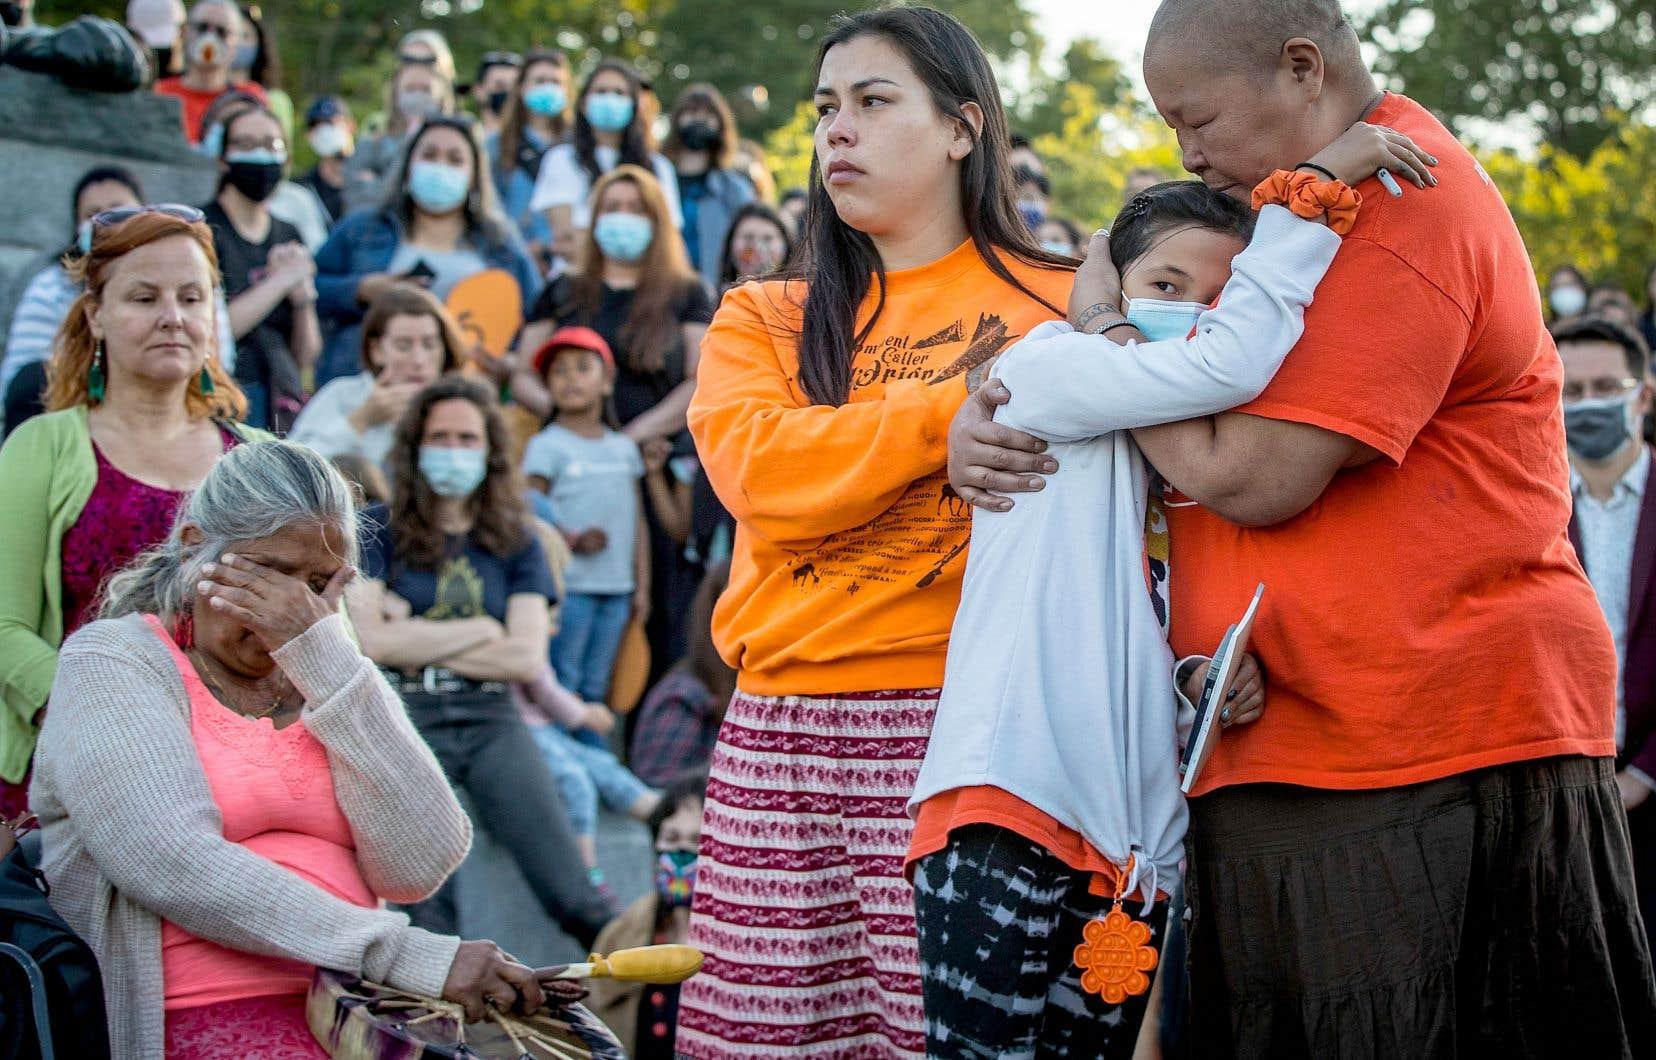 Après des chants traditionnels autochtones, les participants ont observé une minute de silence à la mémoire des 215 enfants.